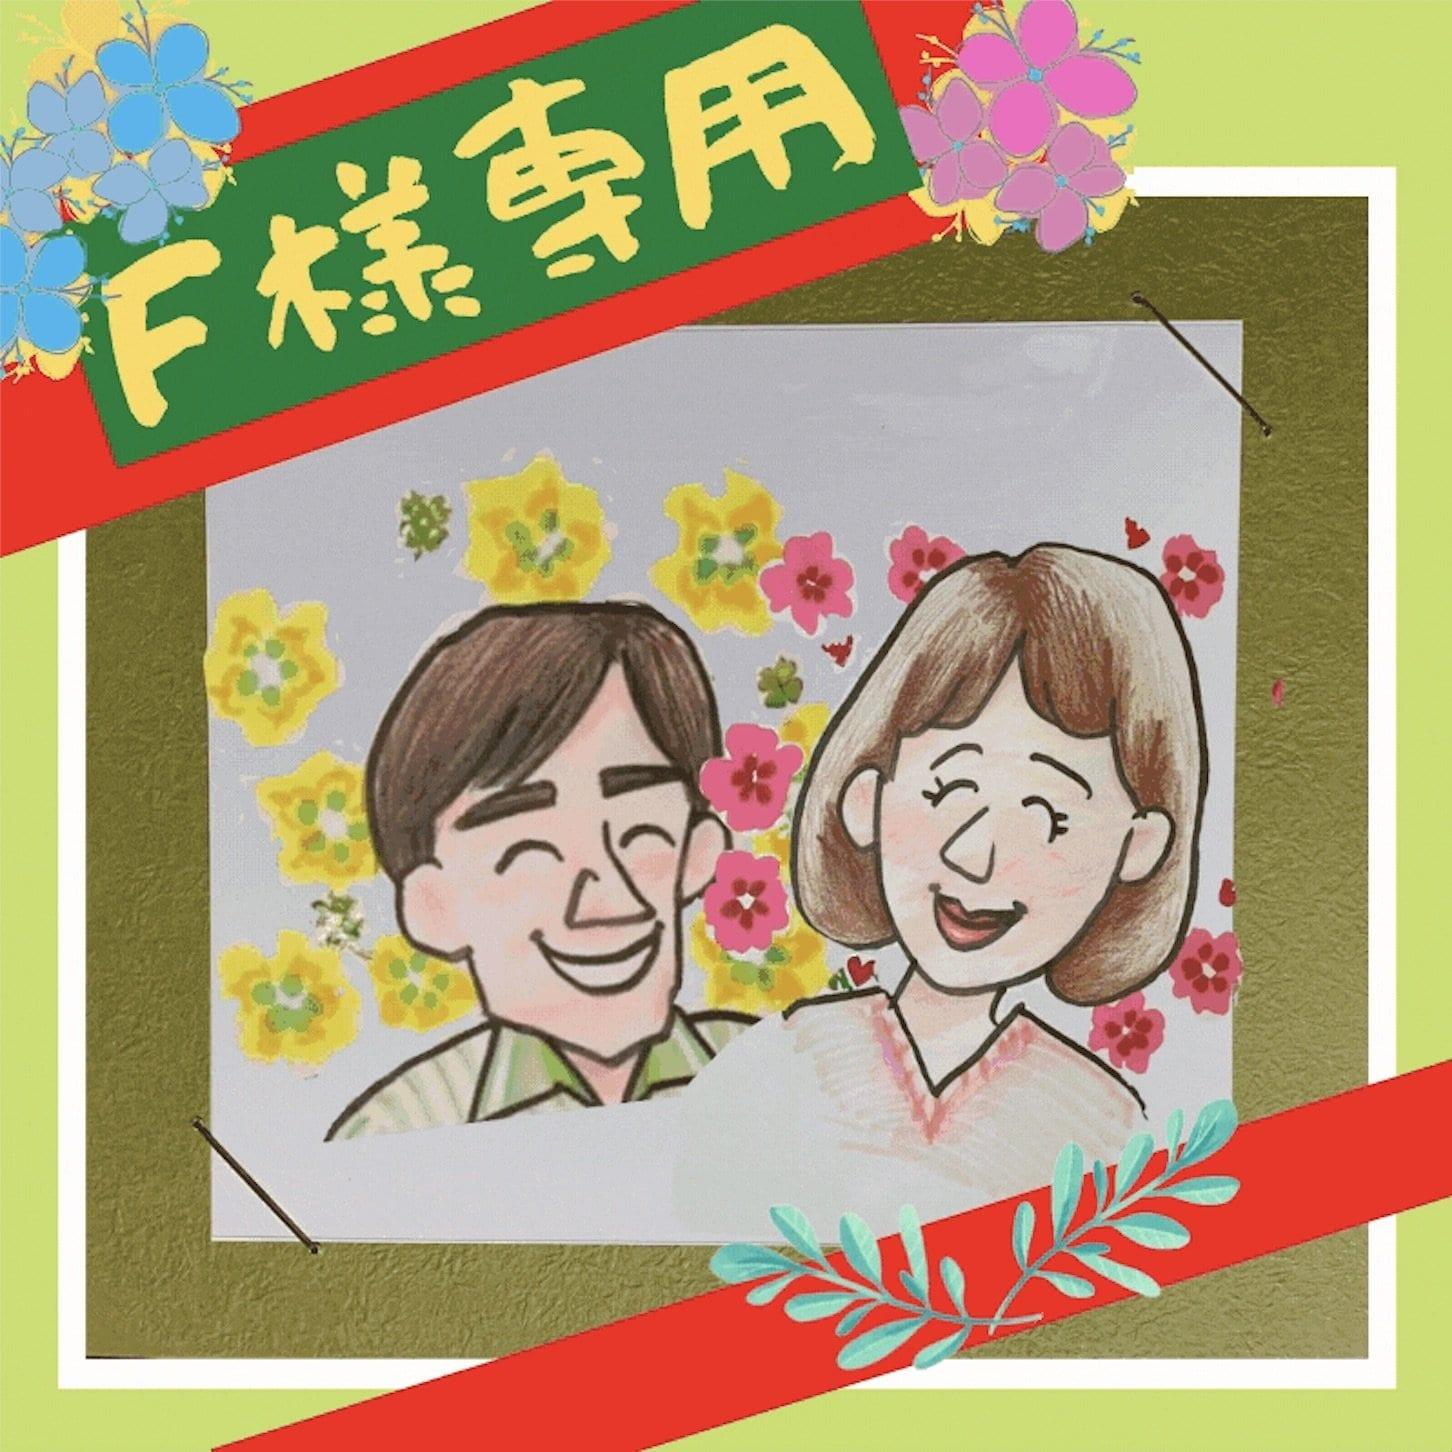 【F 様専用】超スペシャル記念日イラスト(似顔絵)のイメージその2